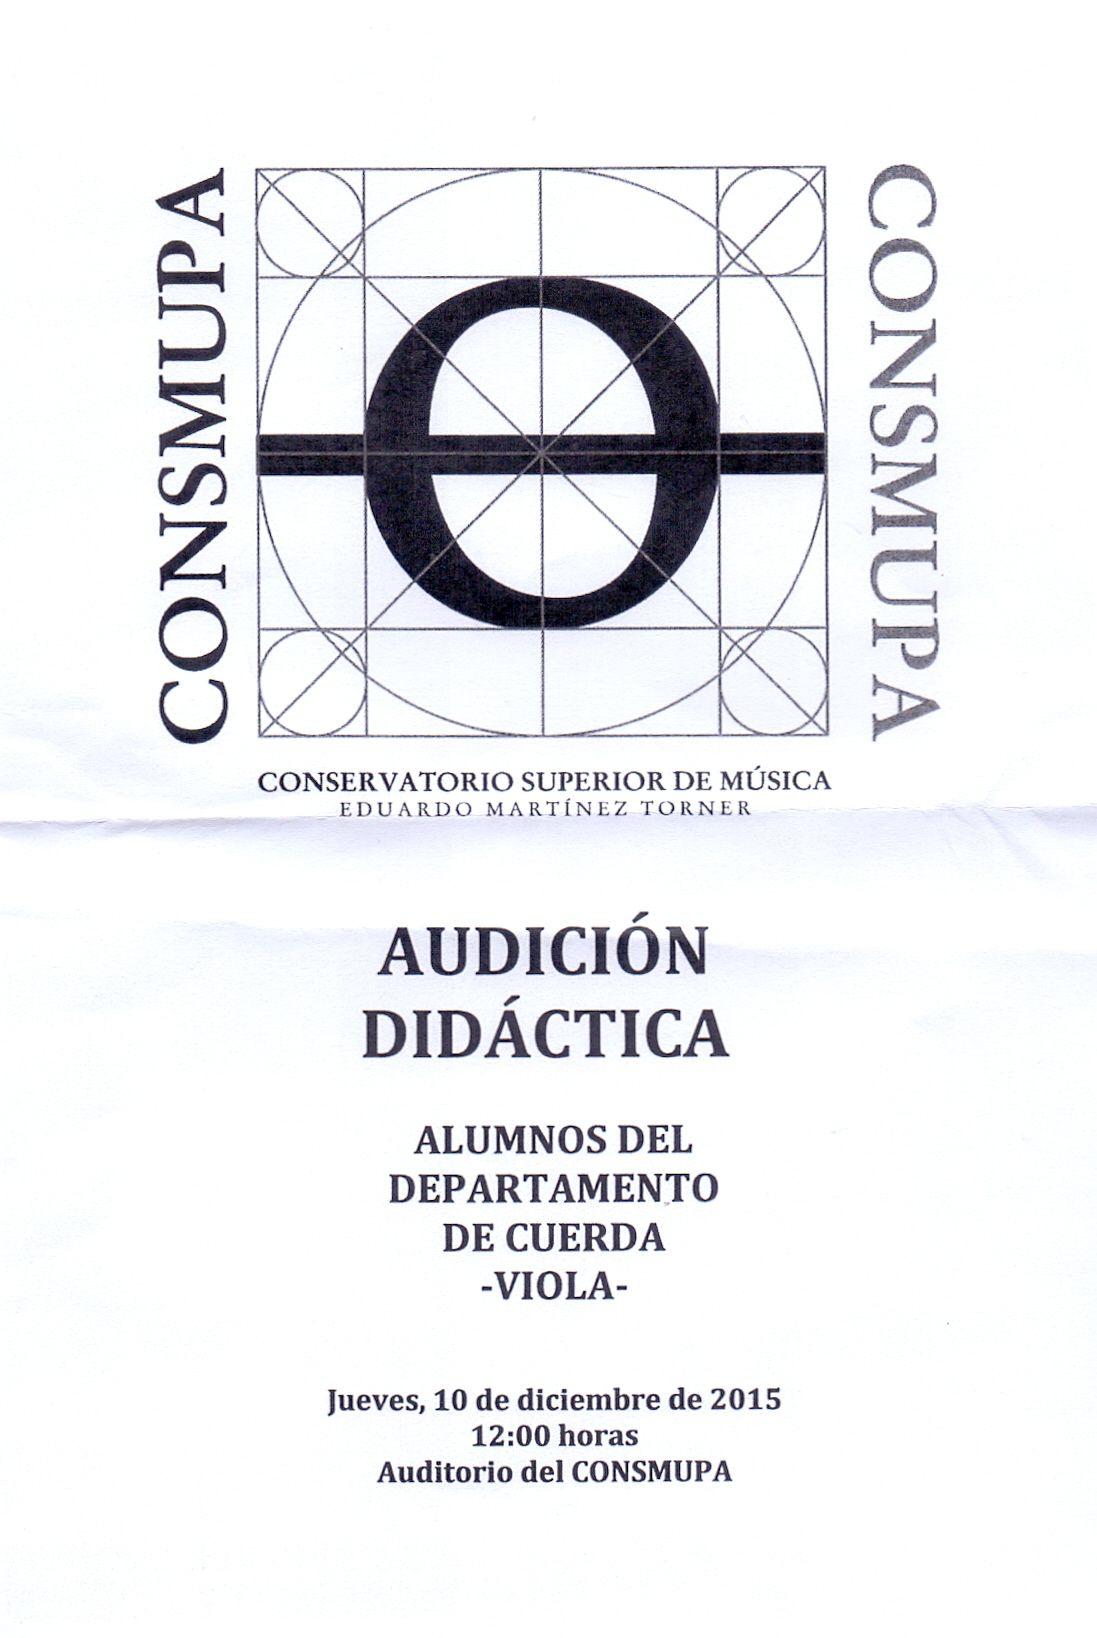 """Audición didáctica cuerda. Conservatorio Superior de Música """"Eduardo Martínez Torner"""". 10 de diciembre de 2015"""